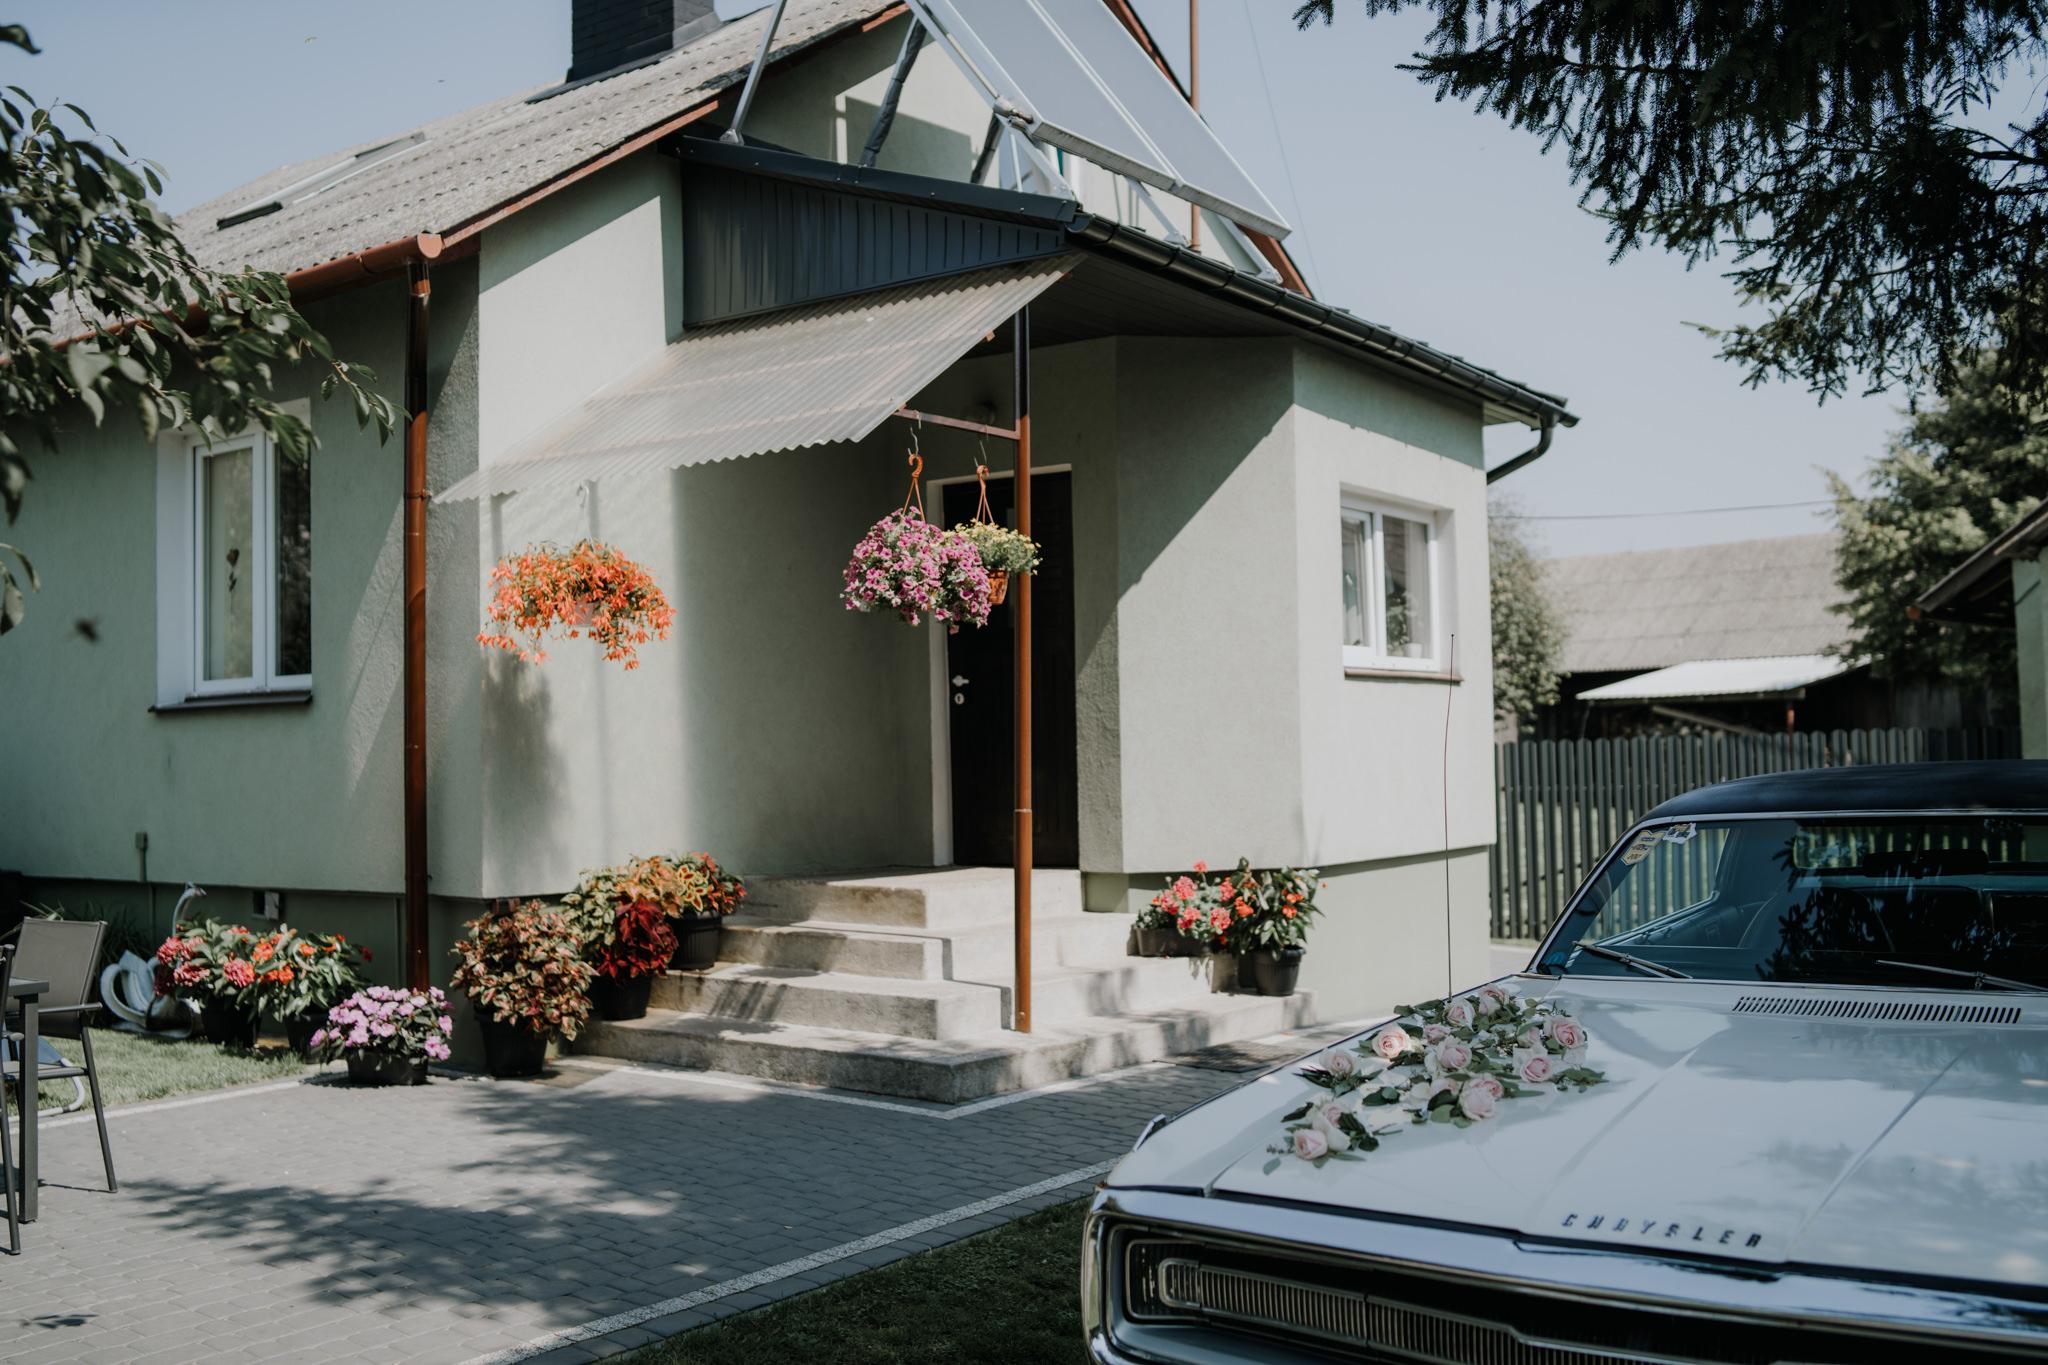 slub swiadkow jehowy regent pawlow 4 - Plenerowy ślub Świadków Jehowy w Pawłowie | E+D | 7.08.2020